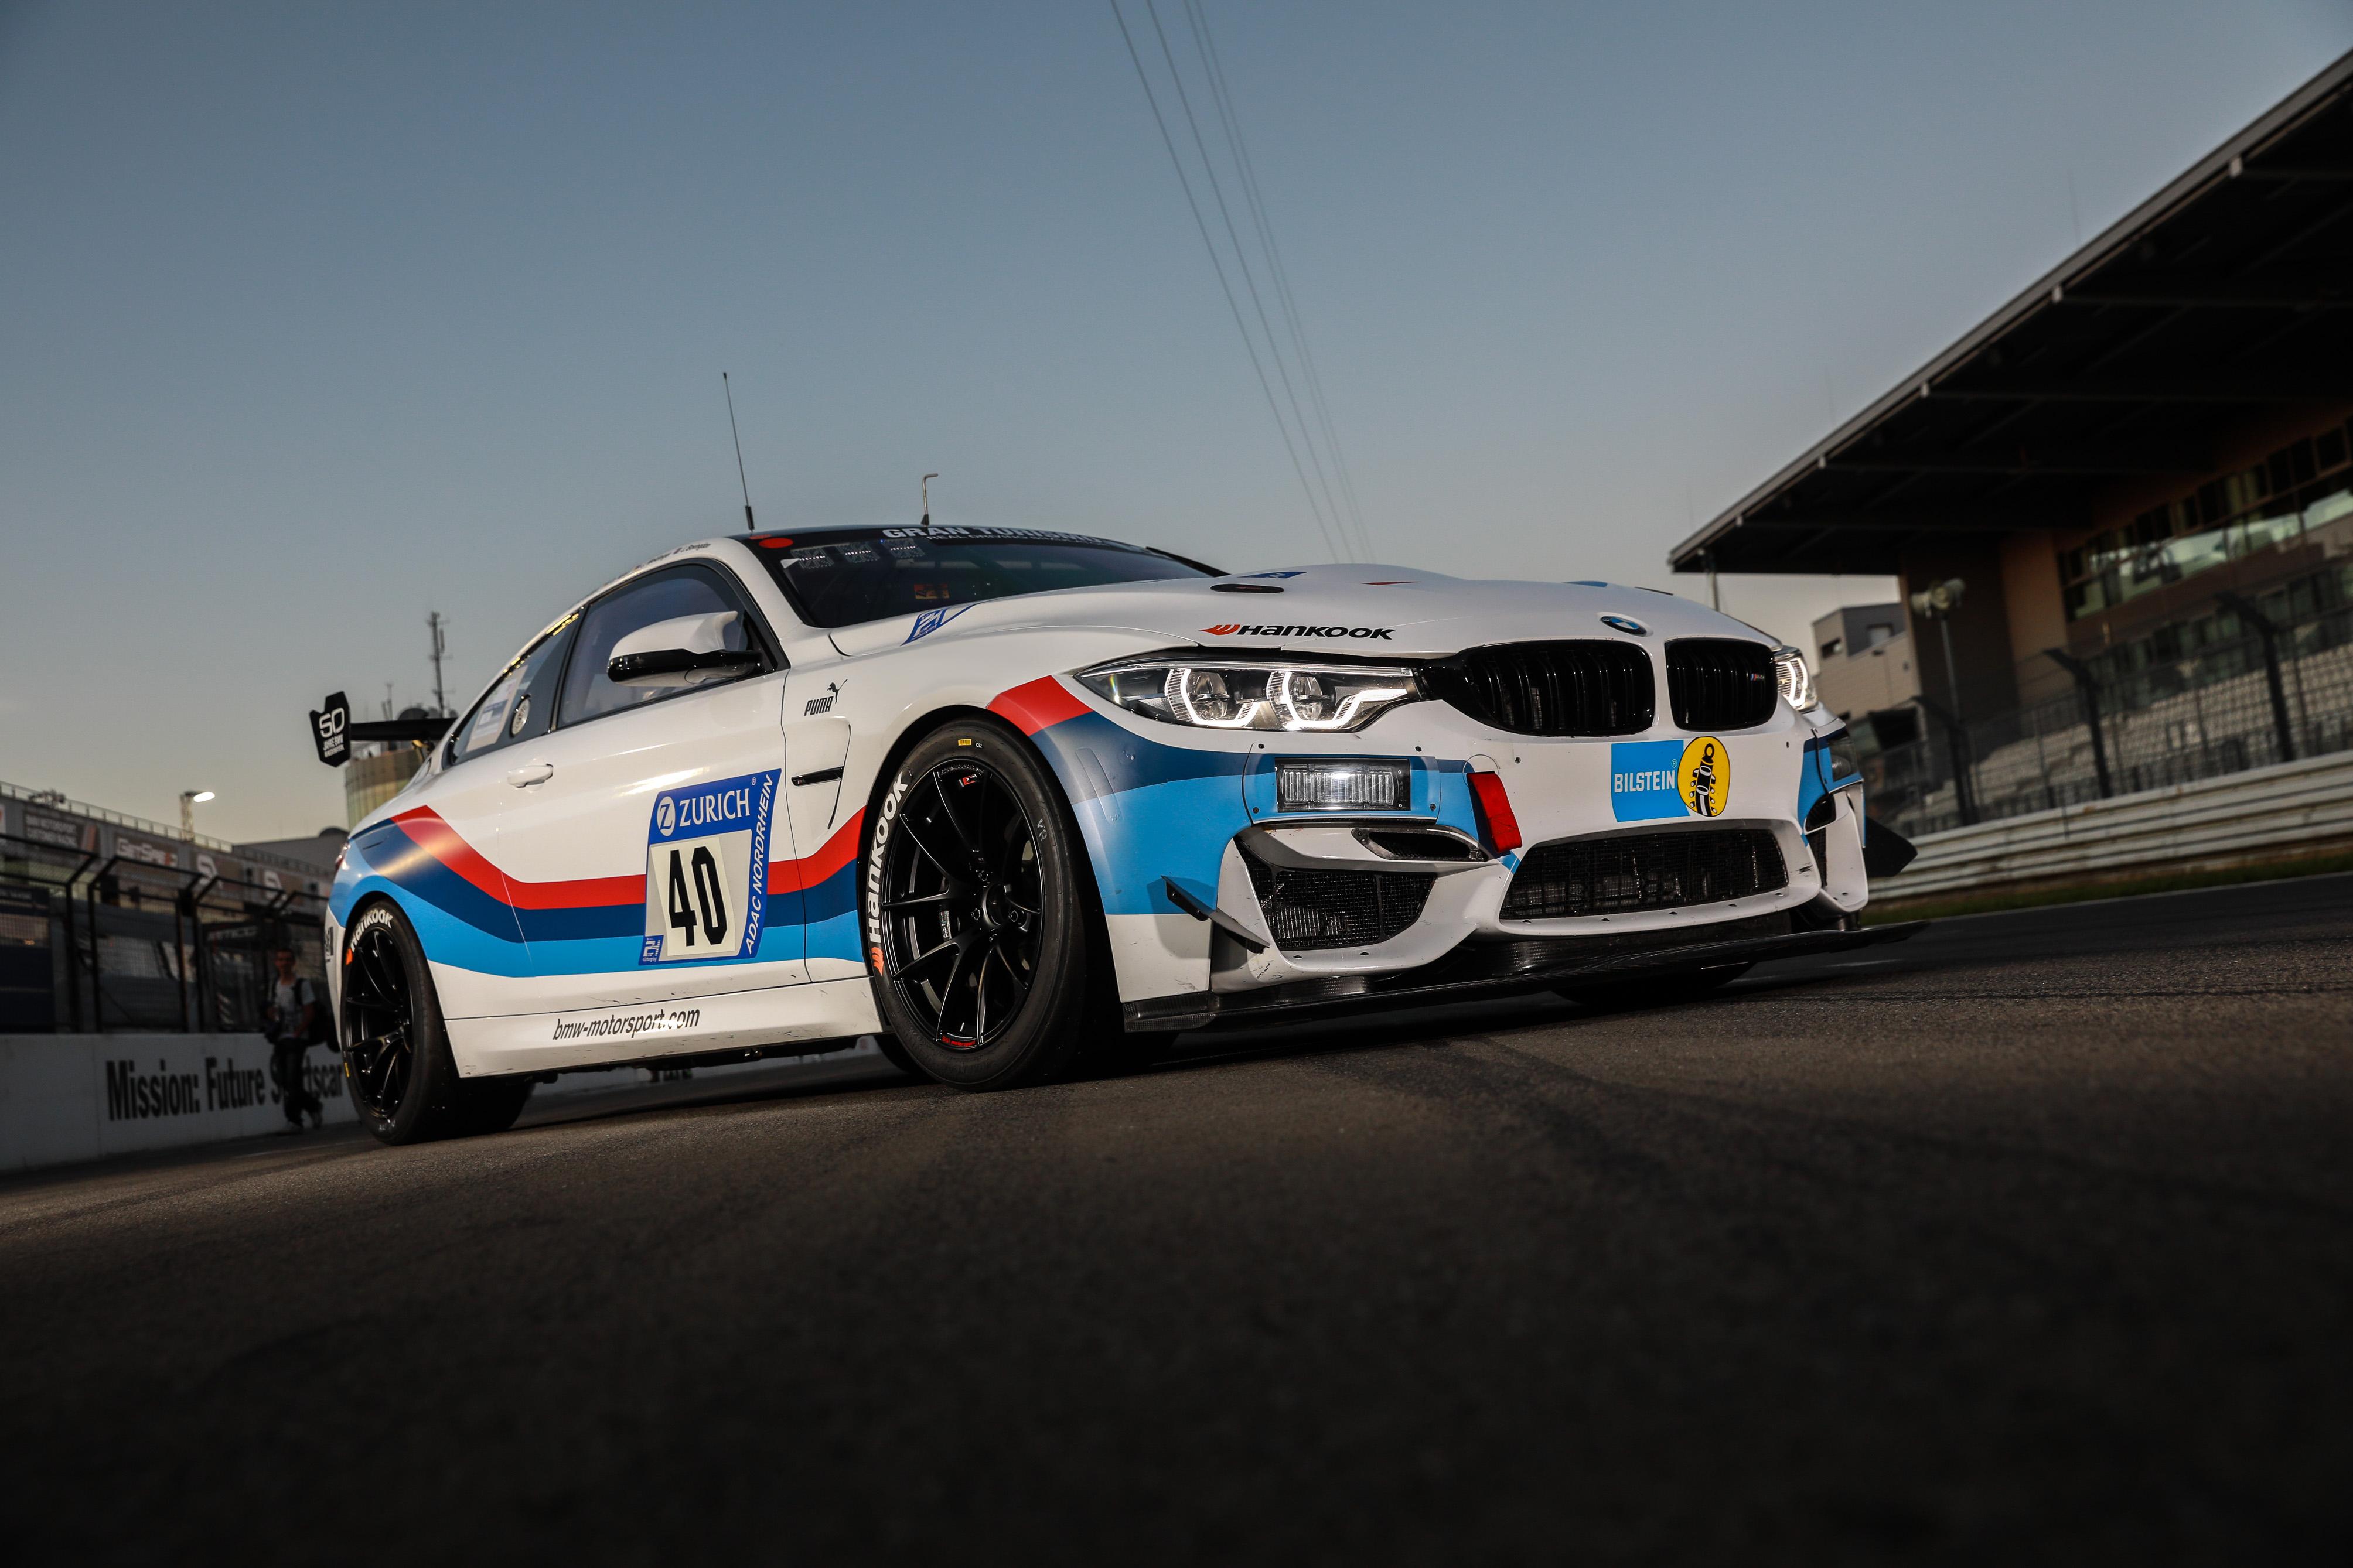 20170606_Hankook_equips_a_new_customer-racing_model_from_BMW_Motorsport_01